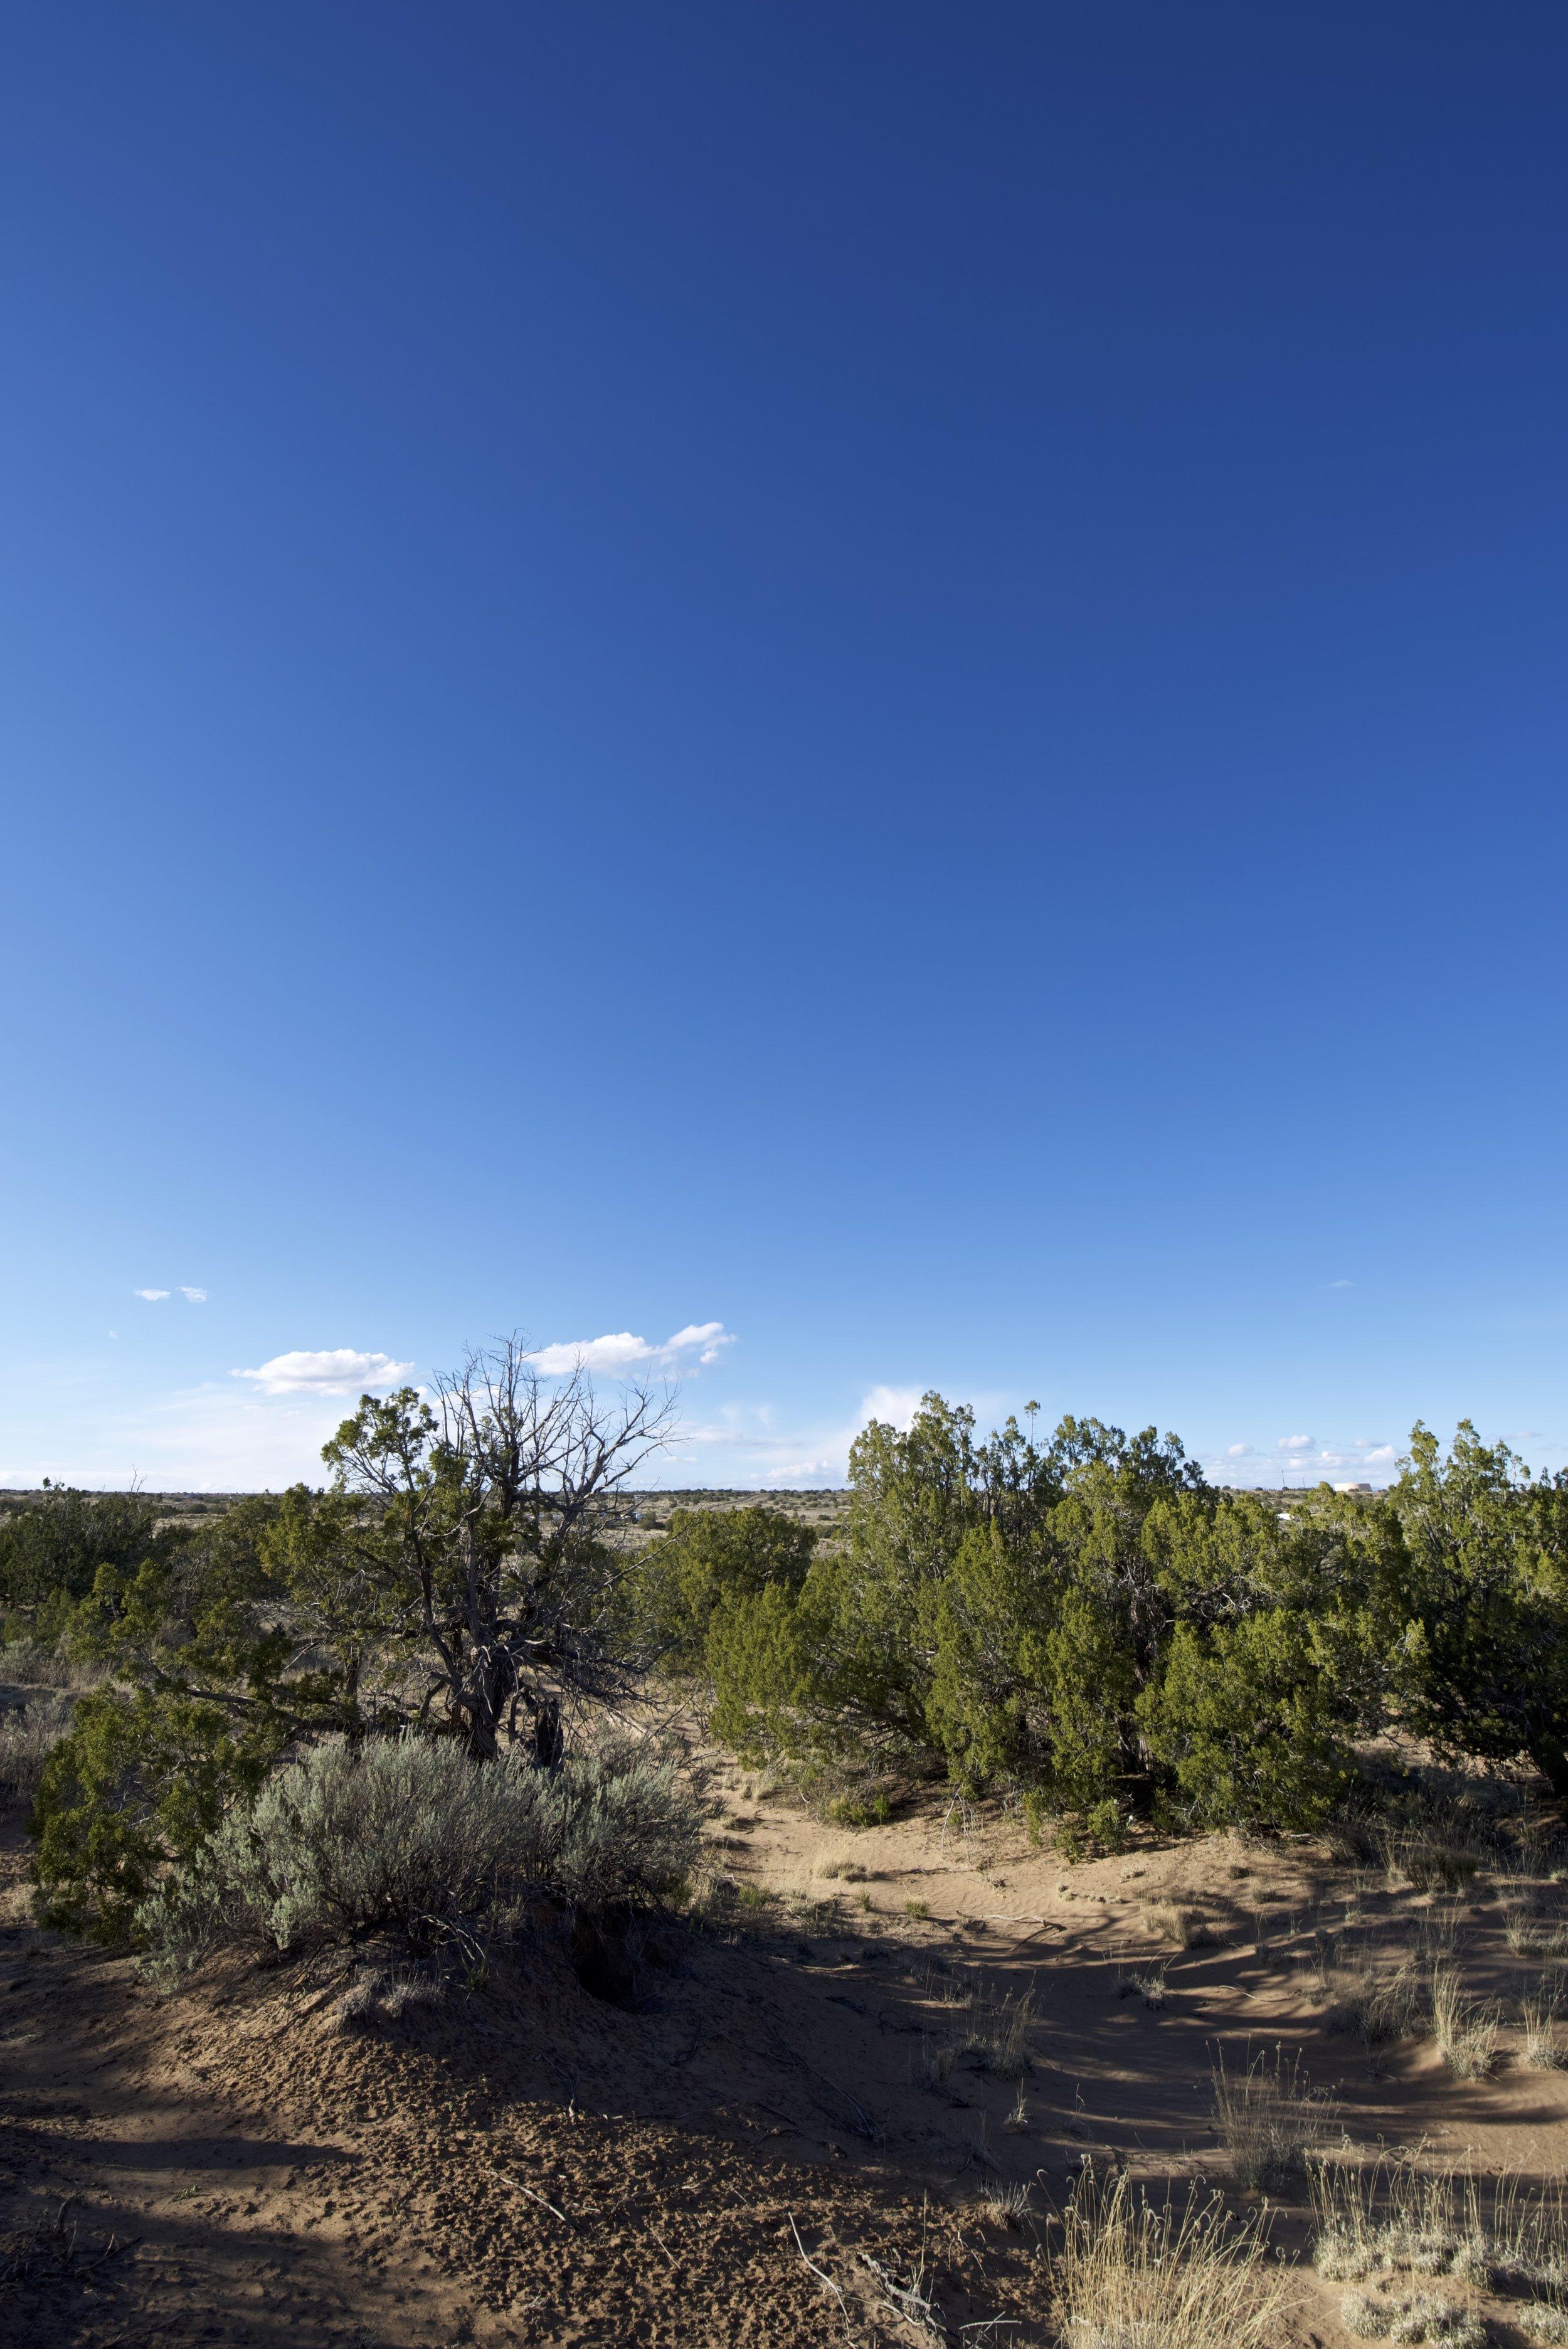 SNNM-2231-rio-rancho-125679.jpg